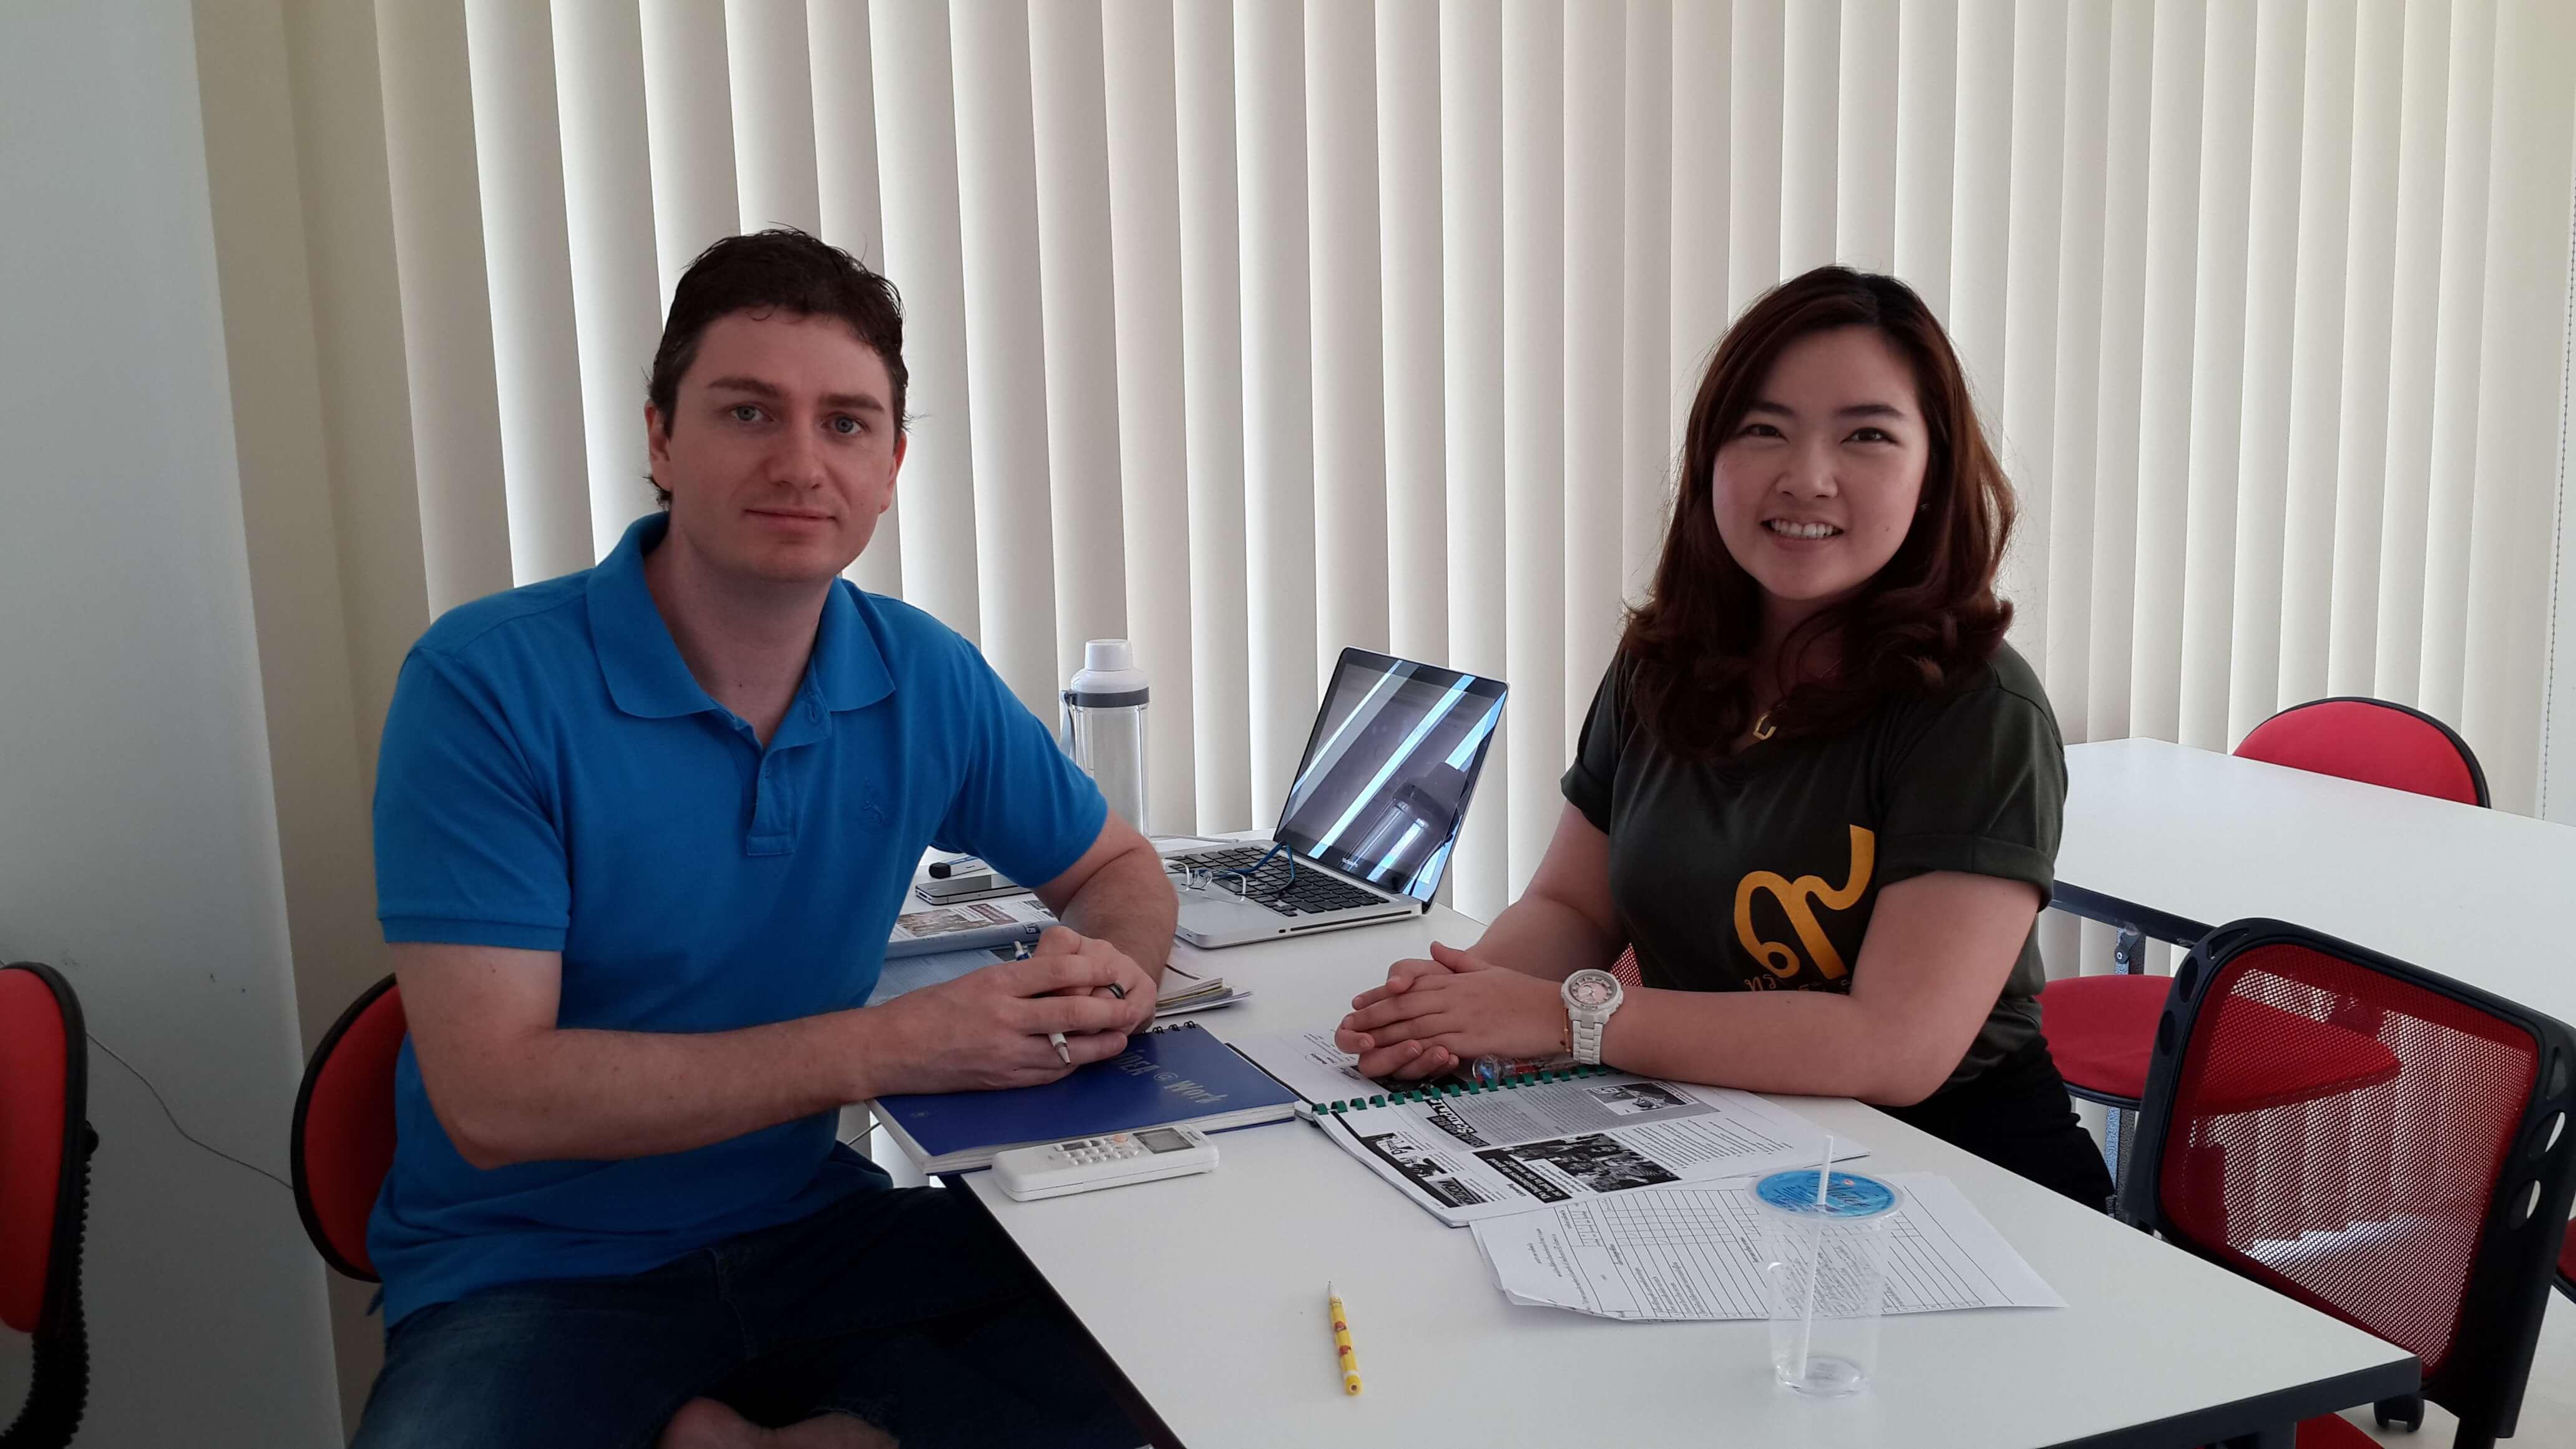 สถาบันสอนภาษาอังกฤษ FMCP English